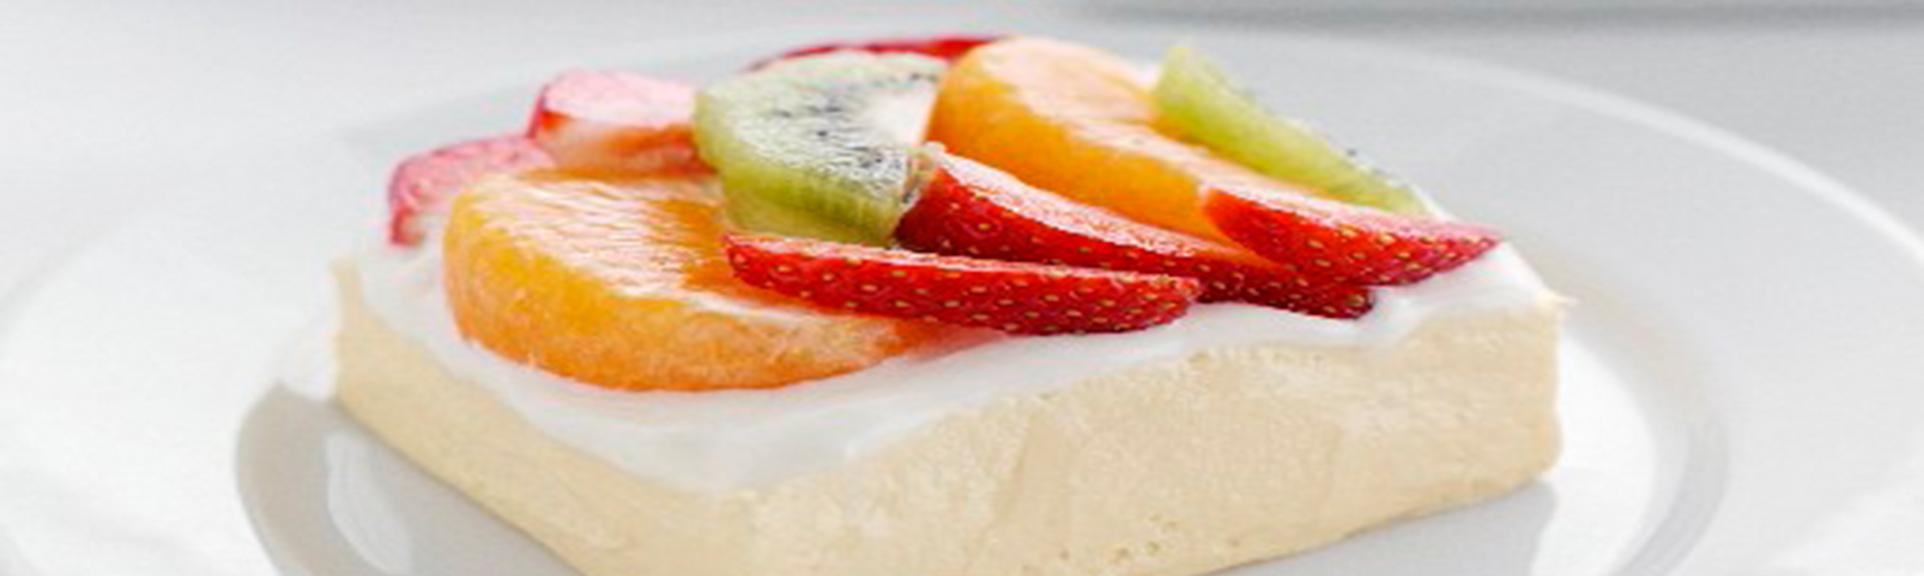 Headerabbildung zum Joghurtdessert mit Früchten